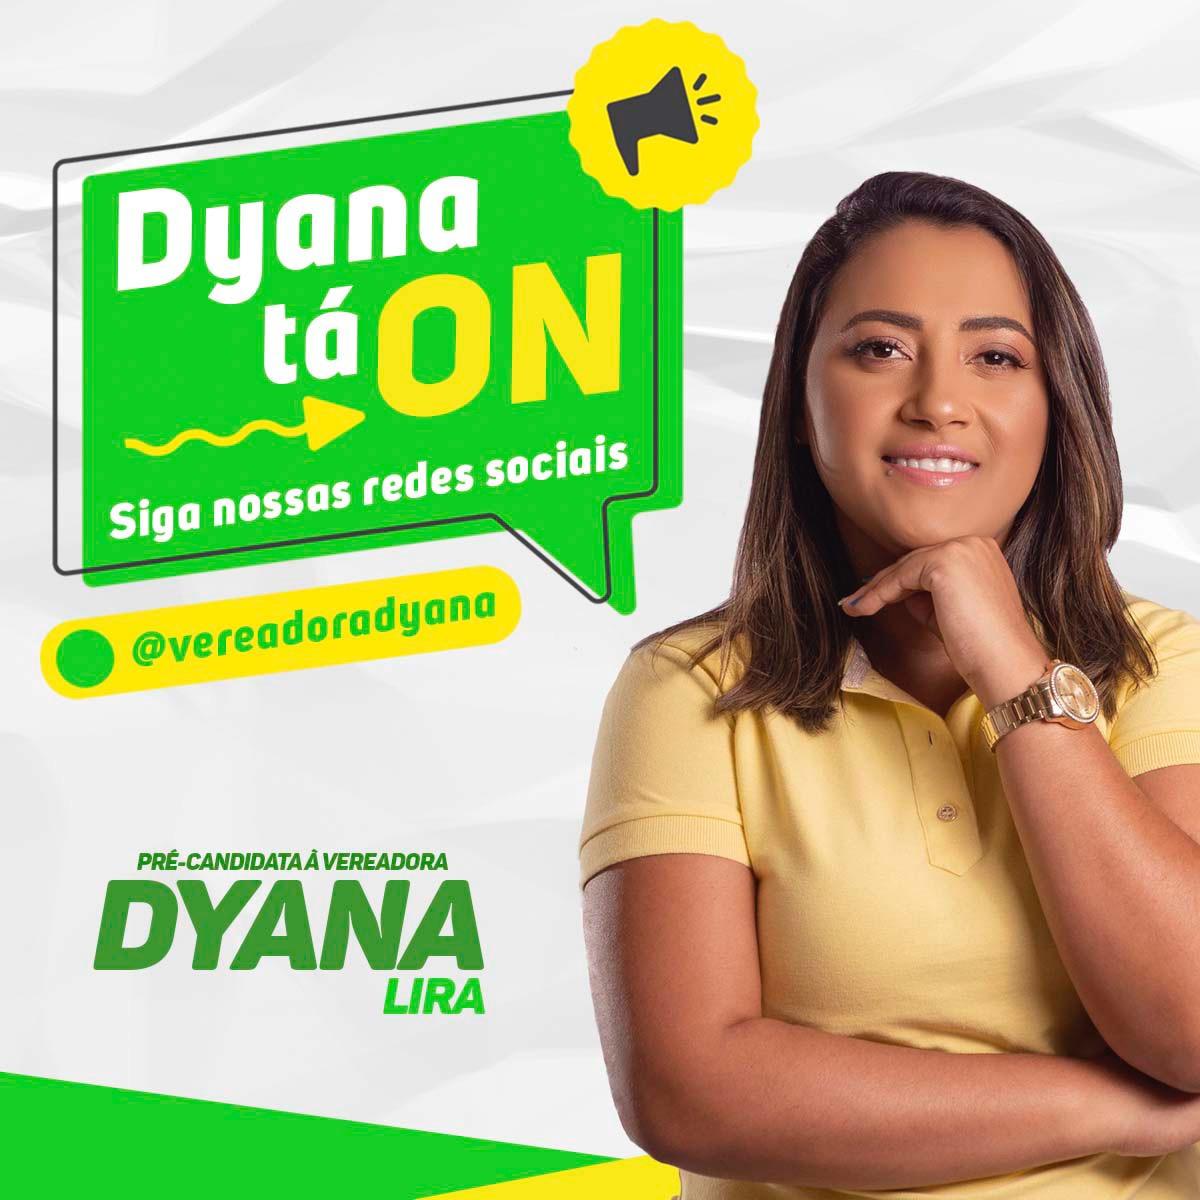 Redes sociais da Ver Dyana Lira